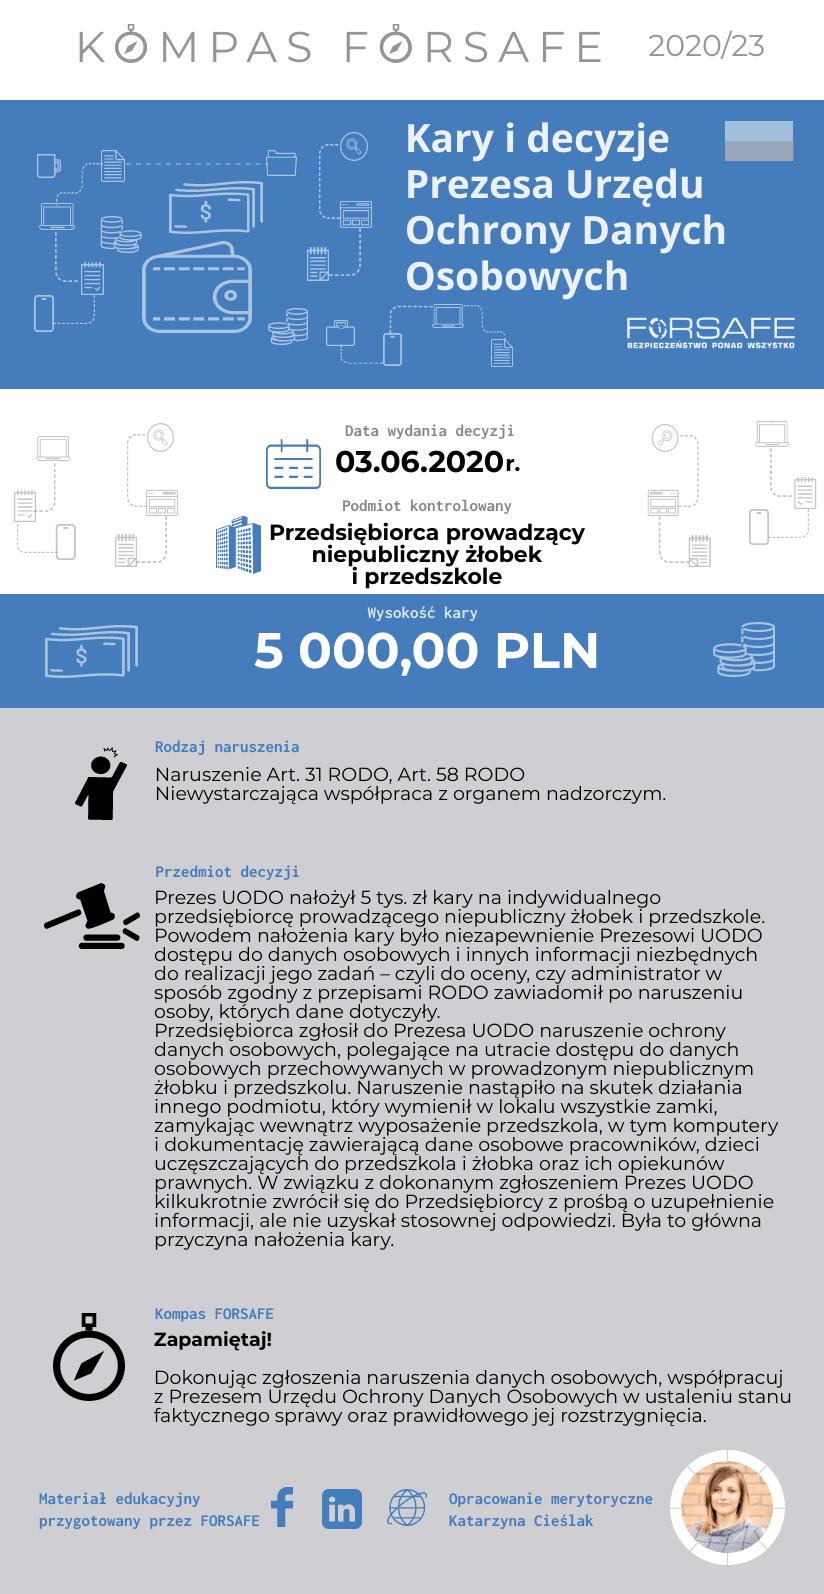 kompas forsafe pl 2020 23 KOMPAS FORSAFE PL 2020/23 - Kara dla przedsiębiorcy prowadzącego przedszkole oraz żłobek